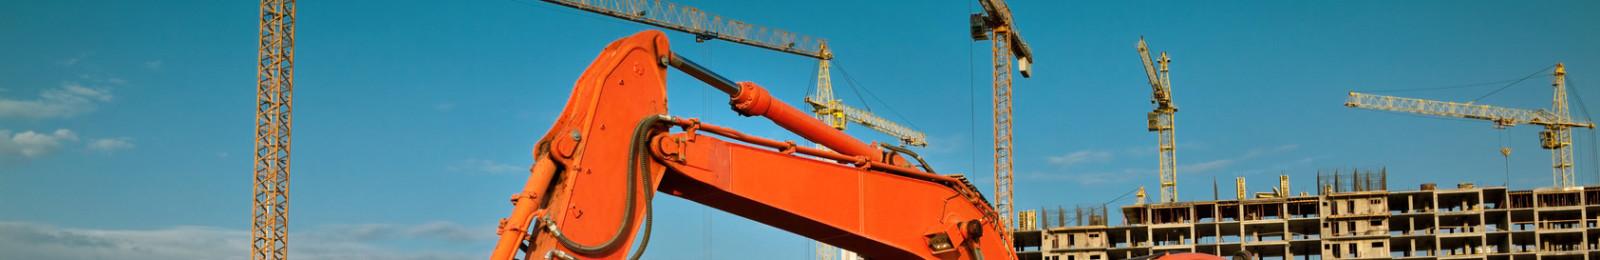 Public Construction and Procurementpage banner image